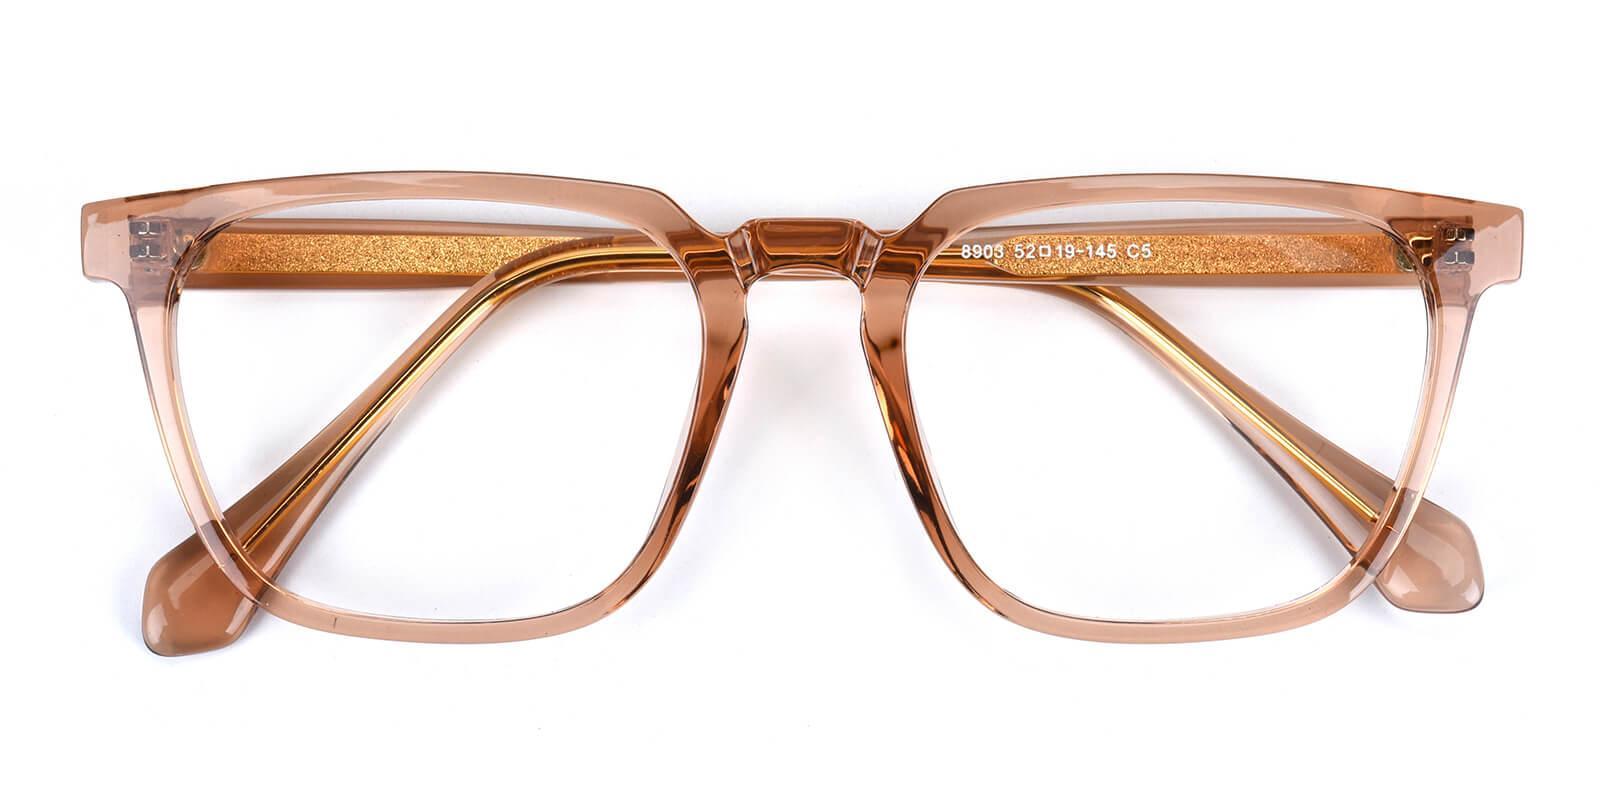 Gekay-Yellow-Square-Acetate-Eyeglasses-detail